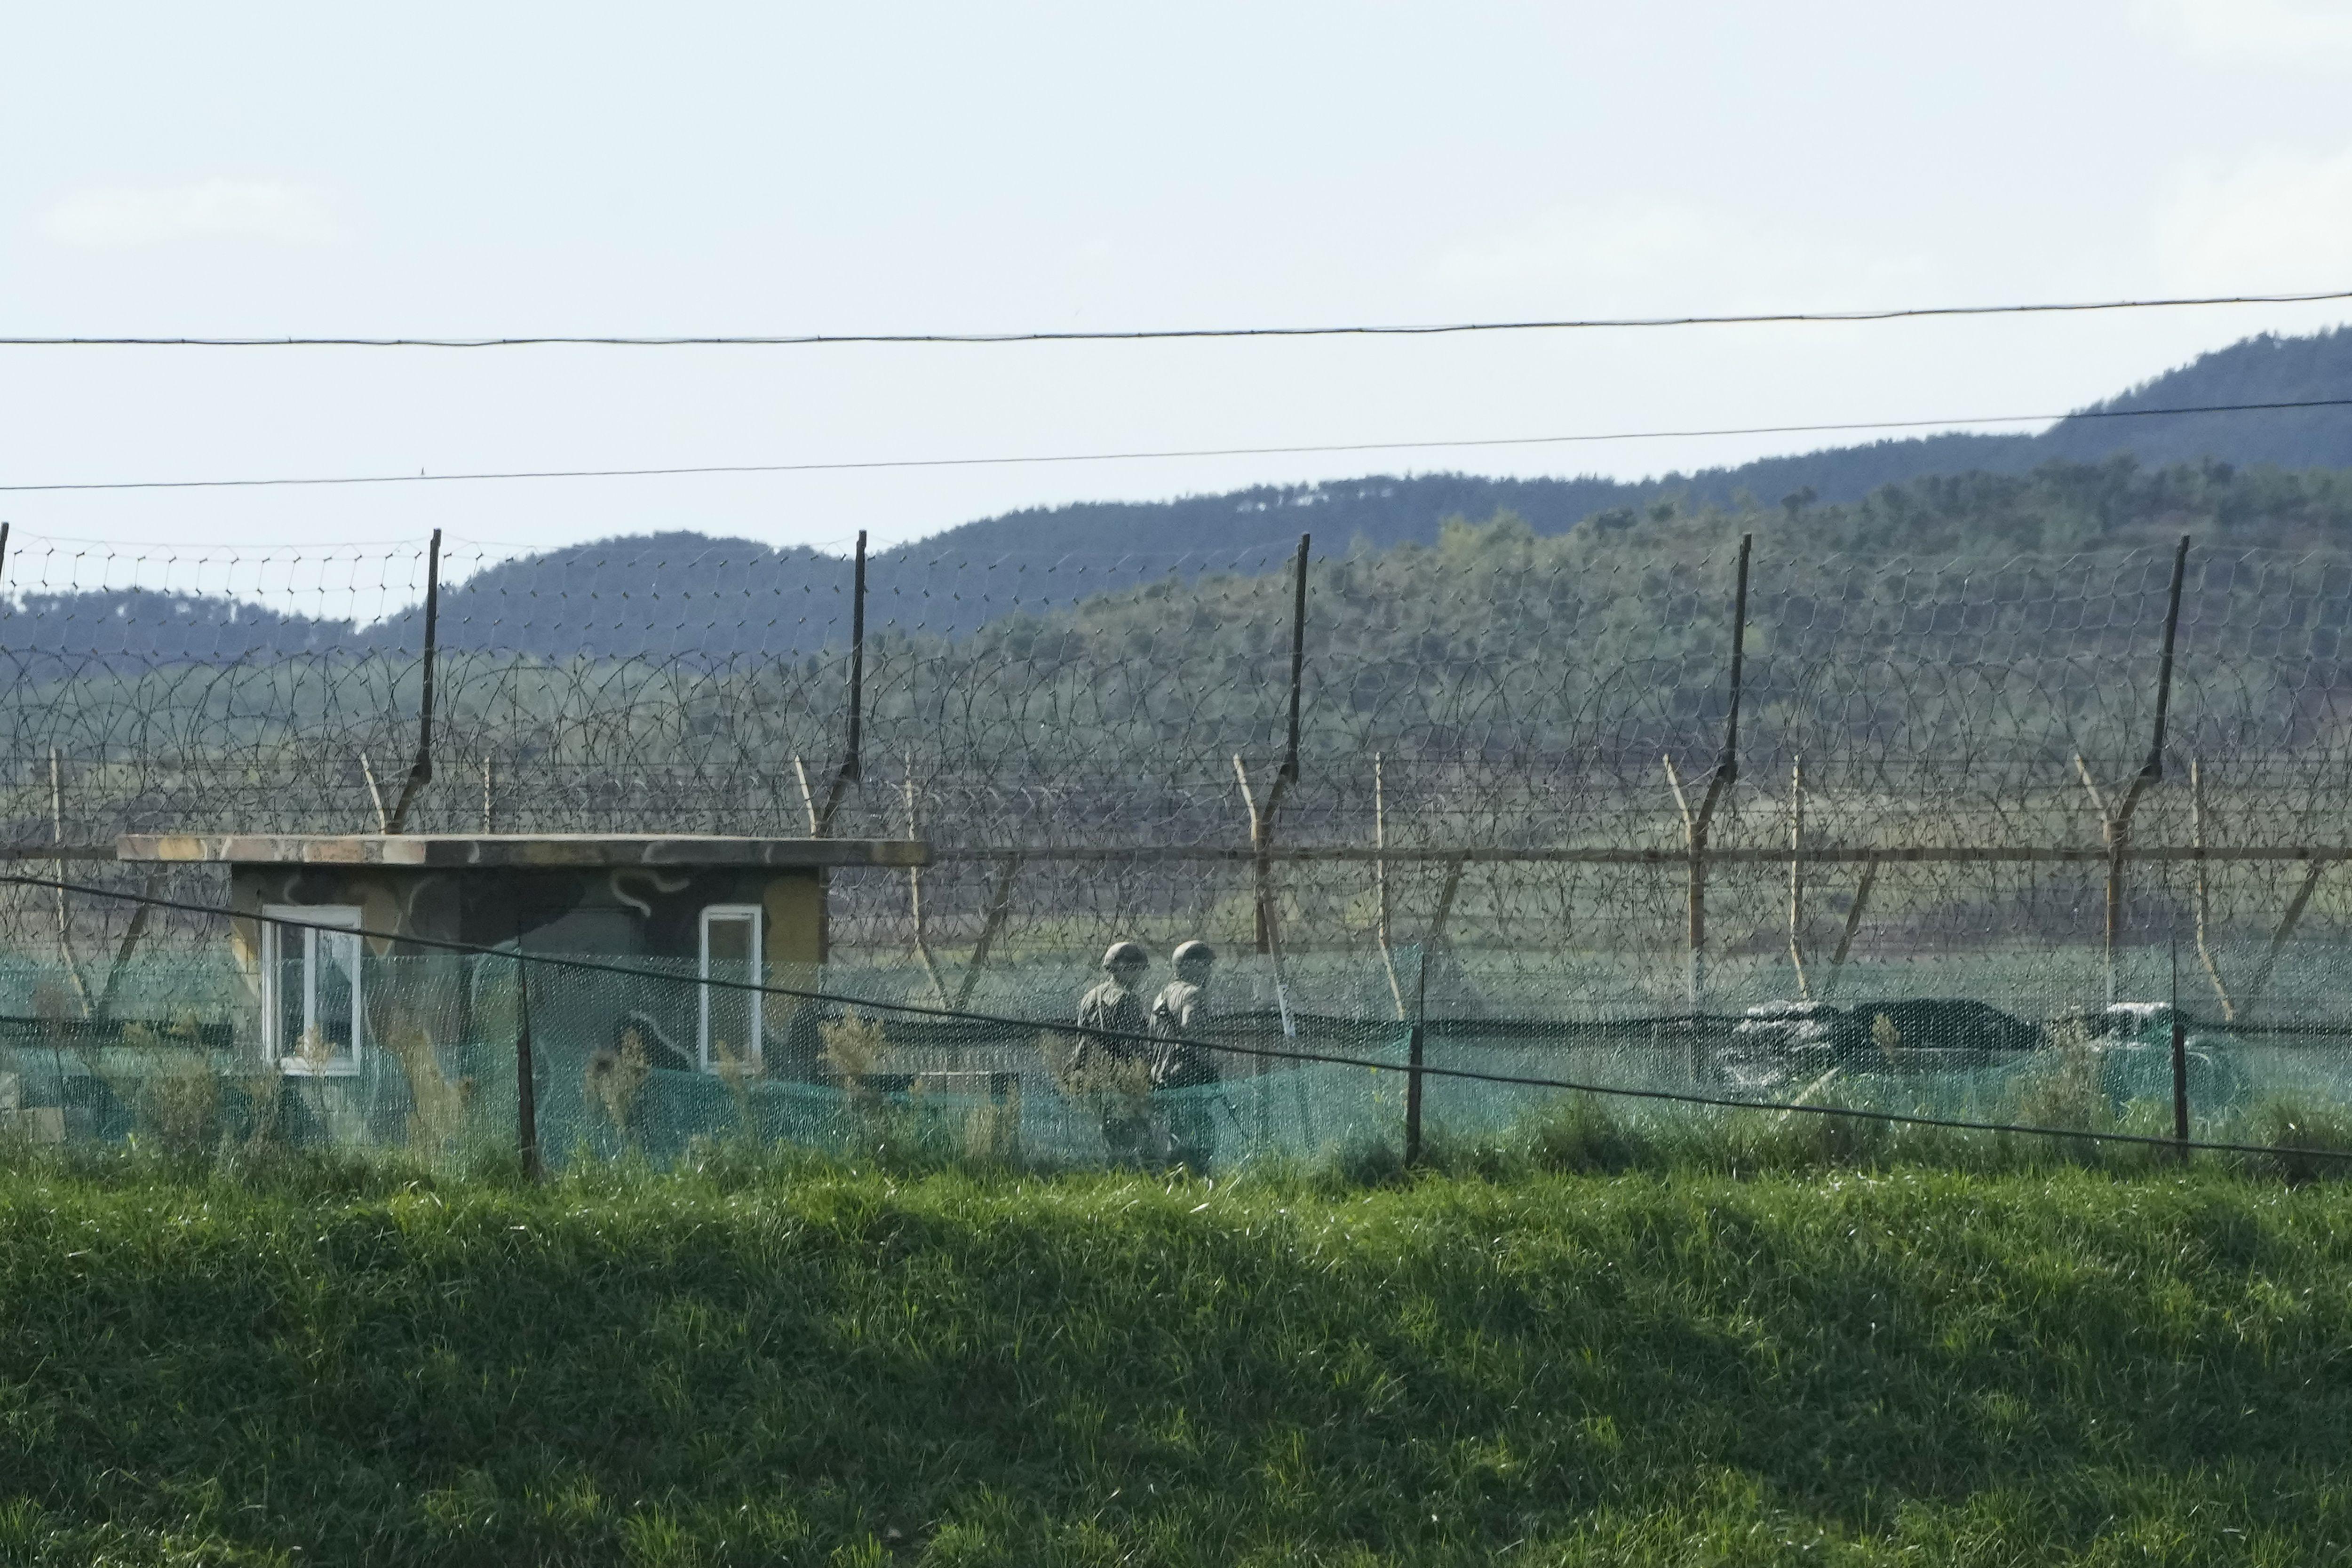 surcorea: corea del norte lanza misil hacia el oceano